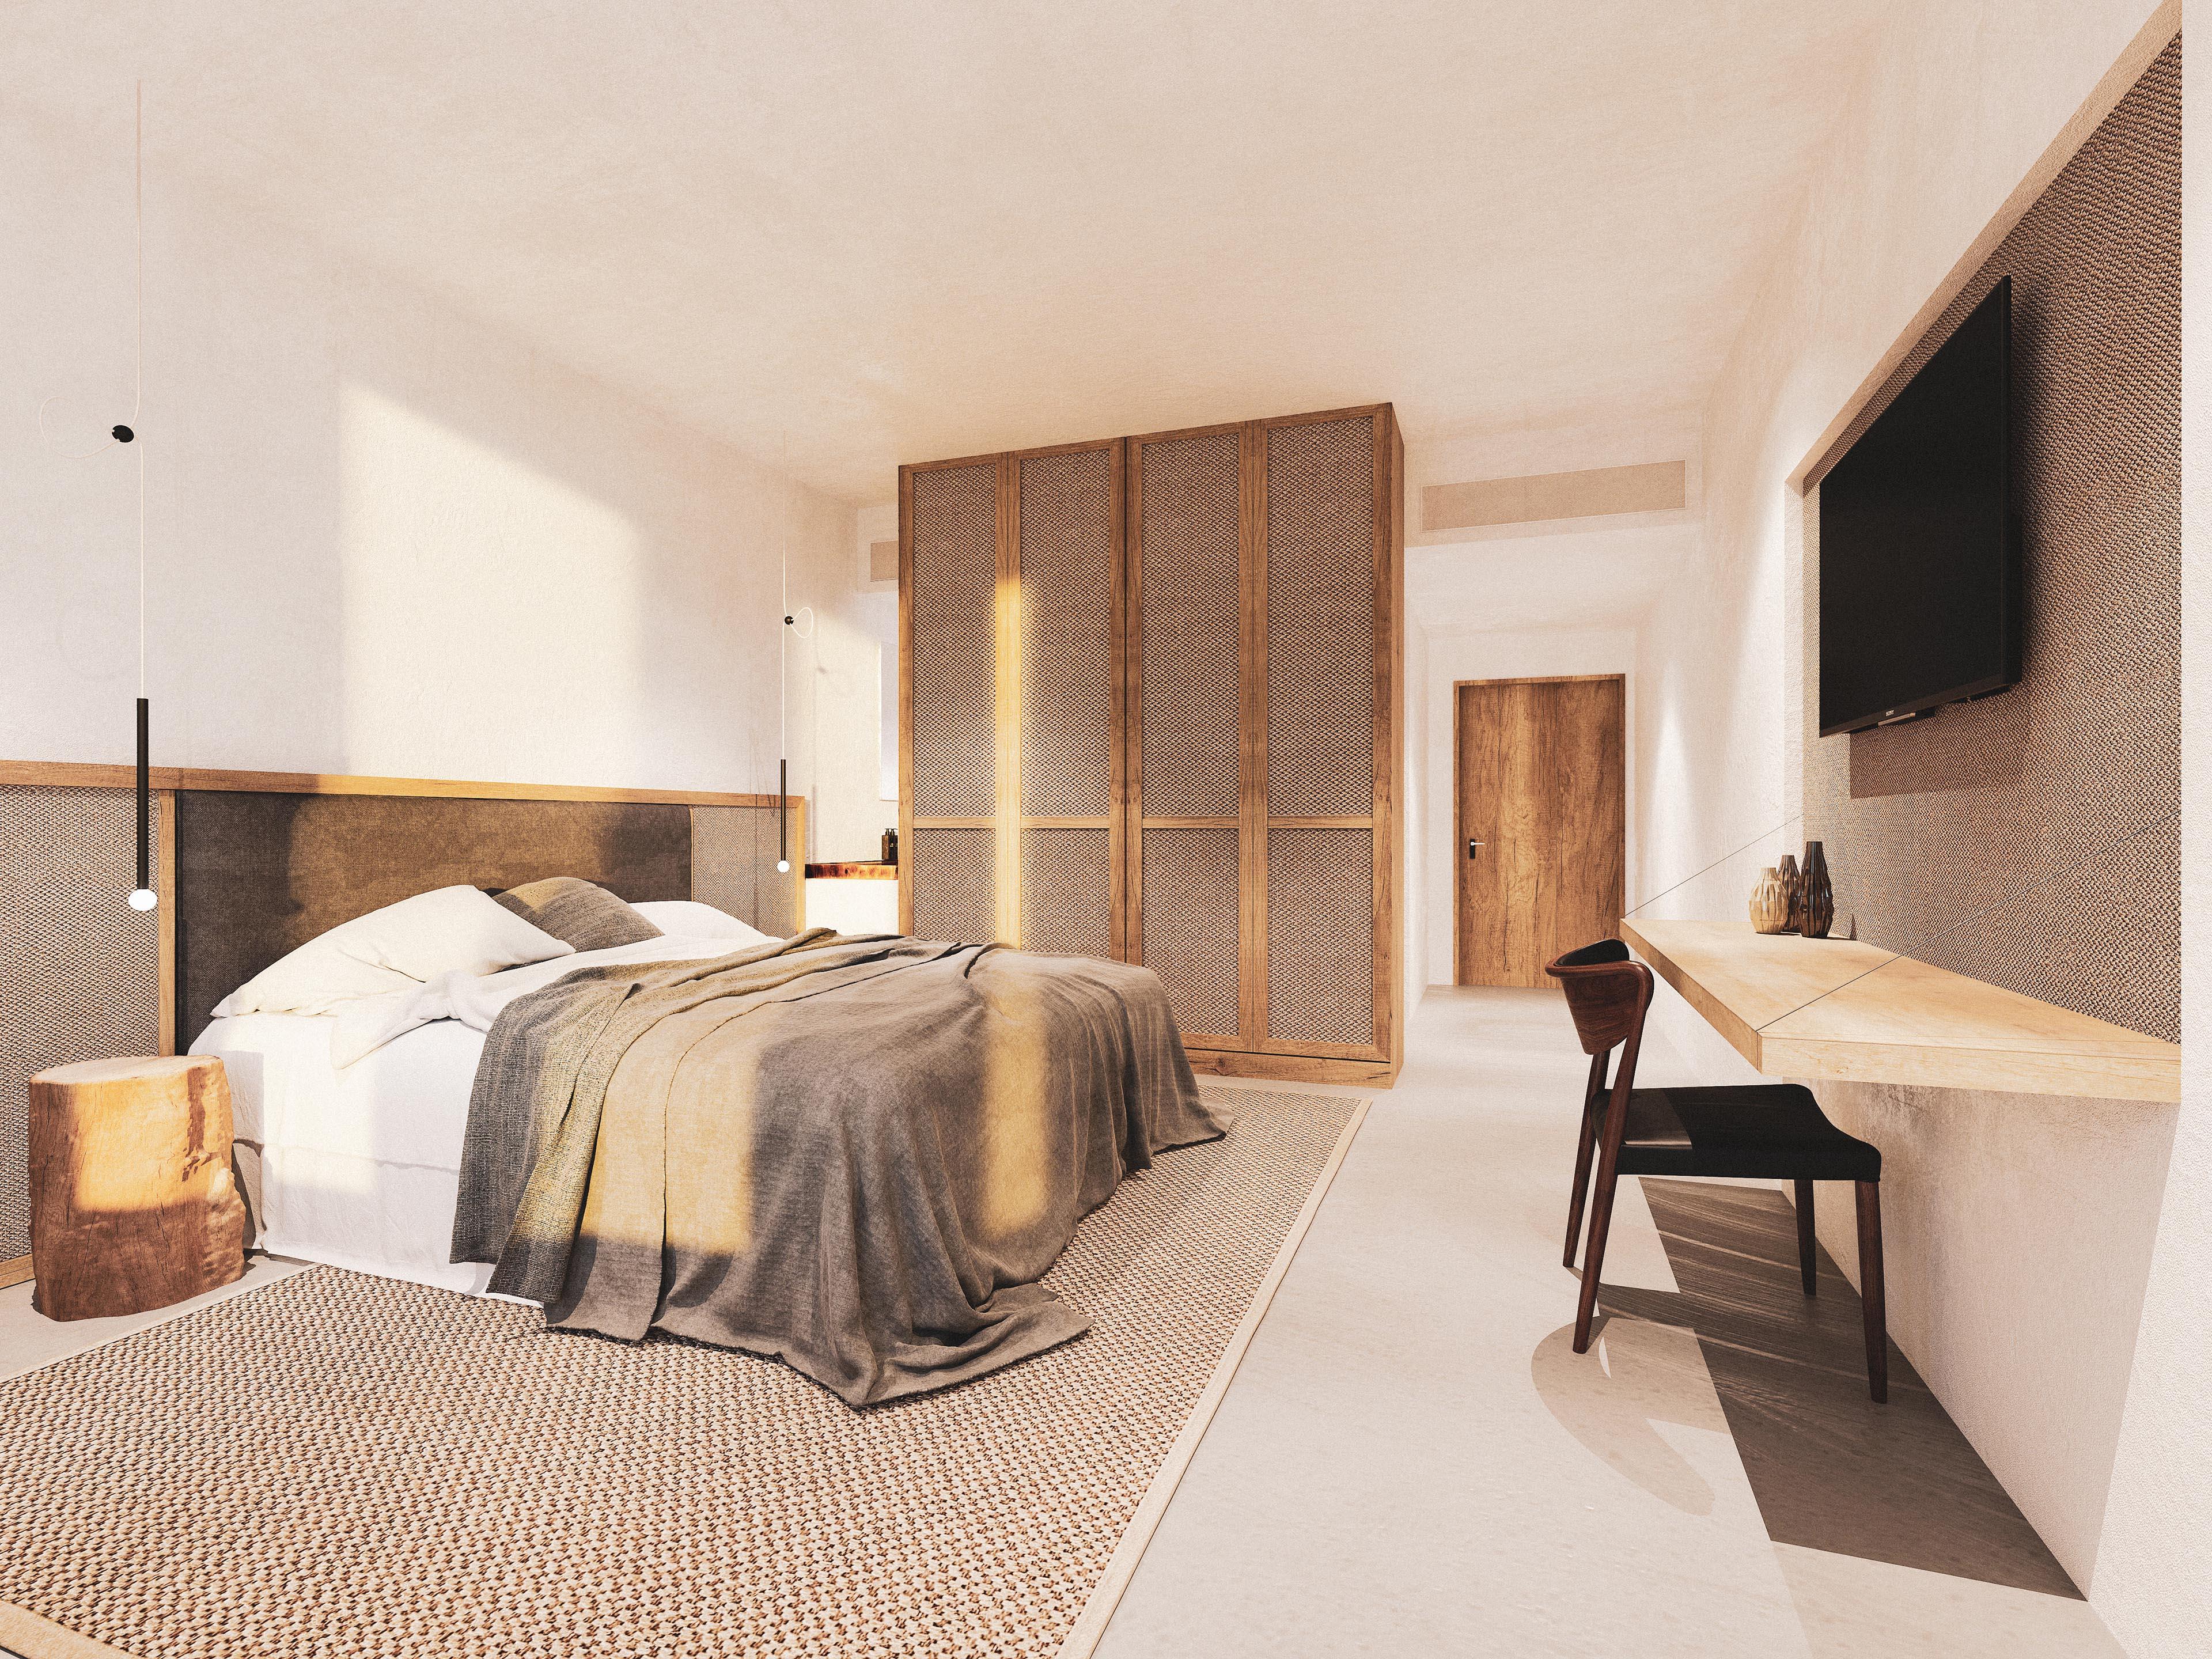 Architekturvisualisierung Zimmer Interior Hotel Split